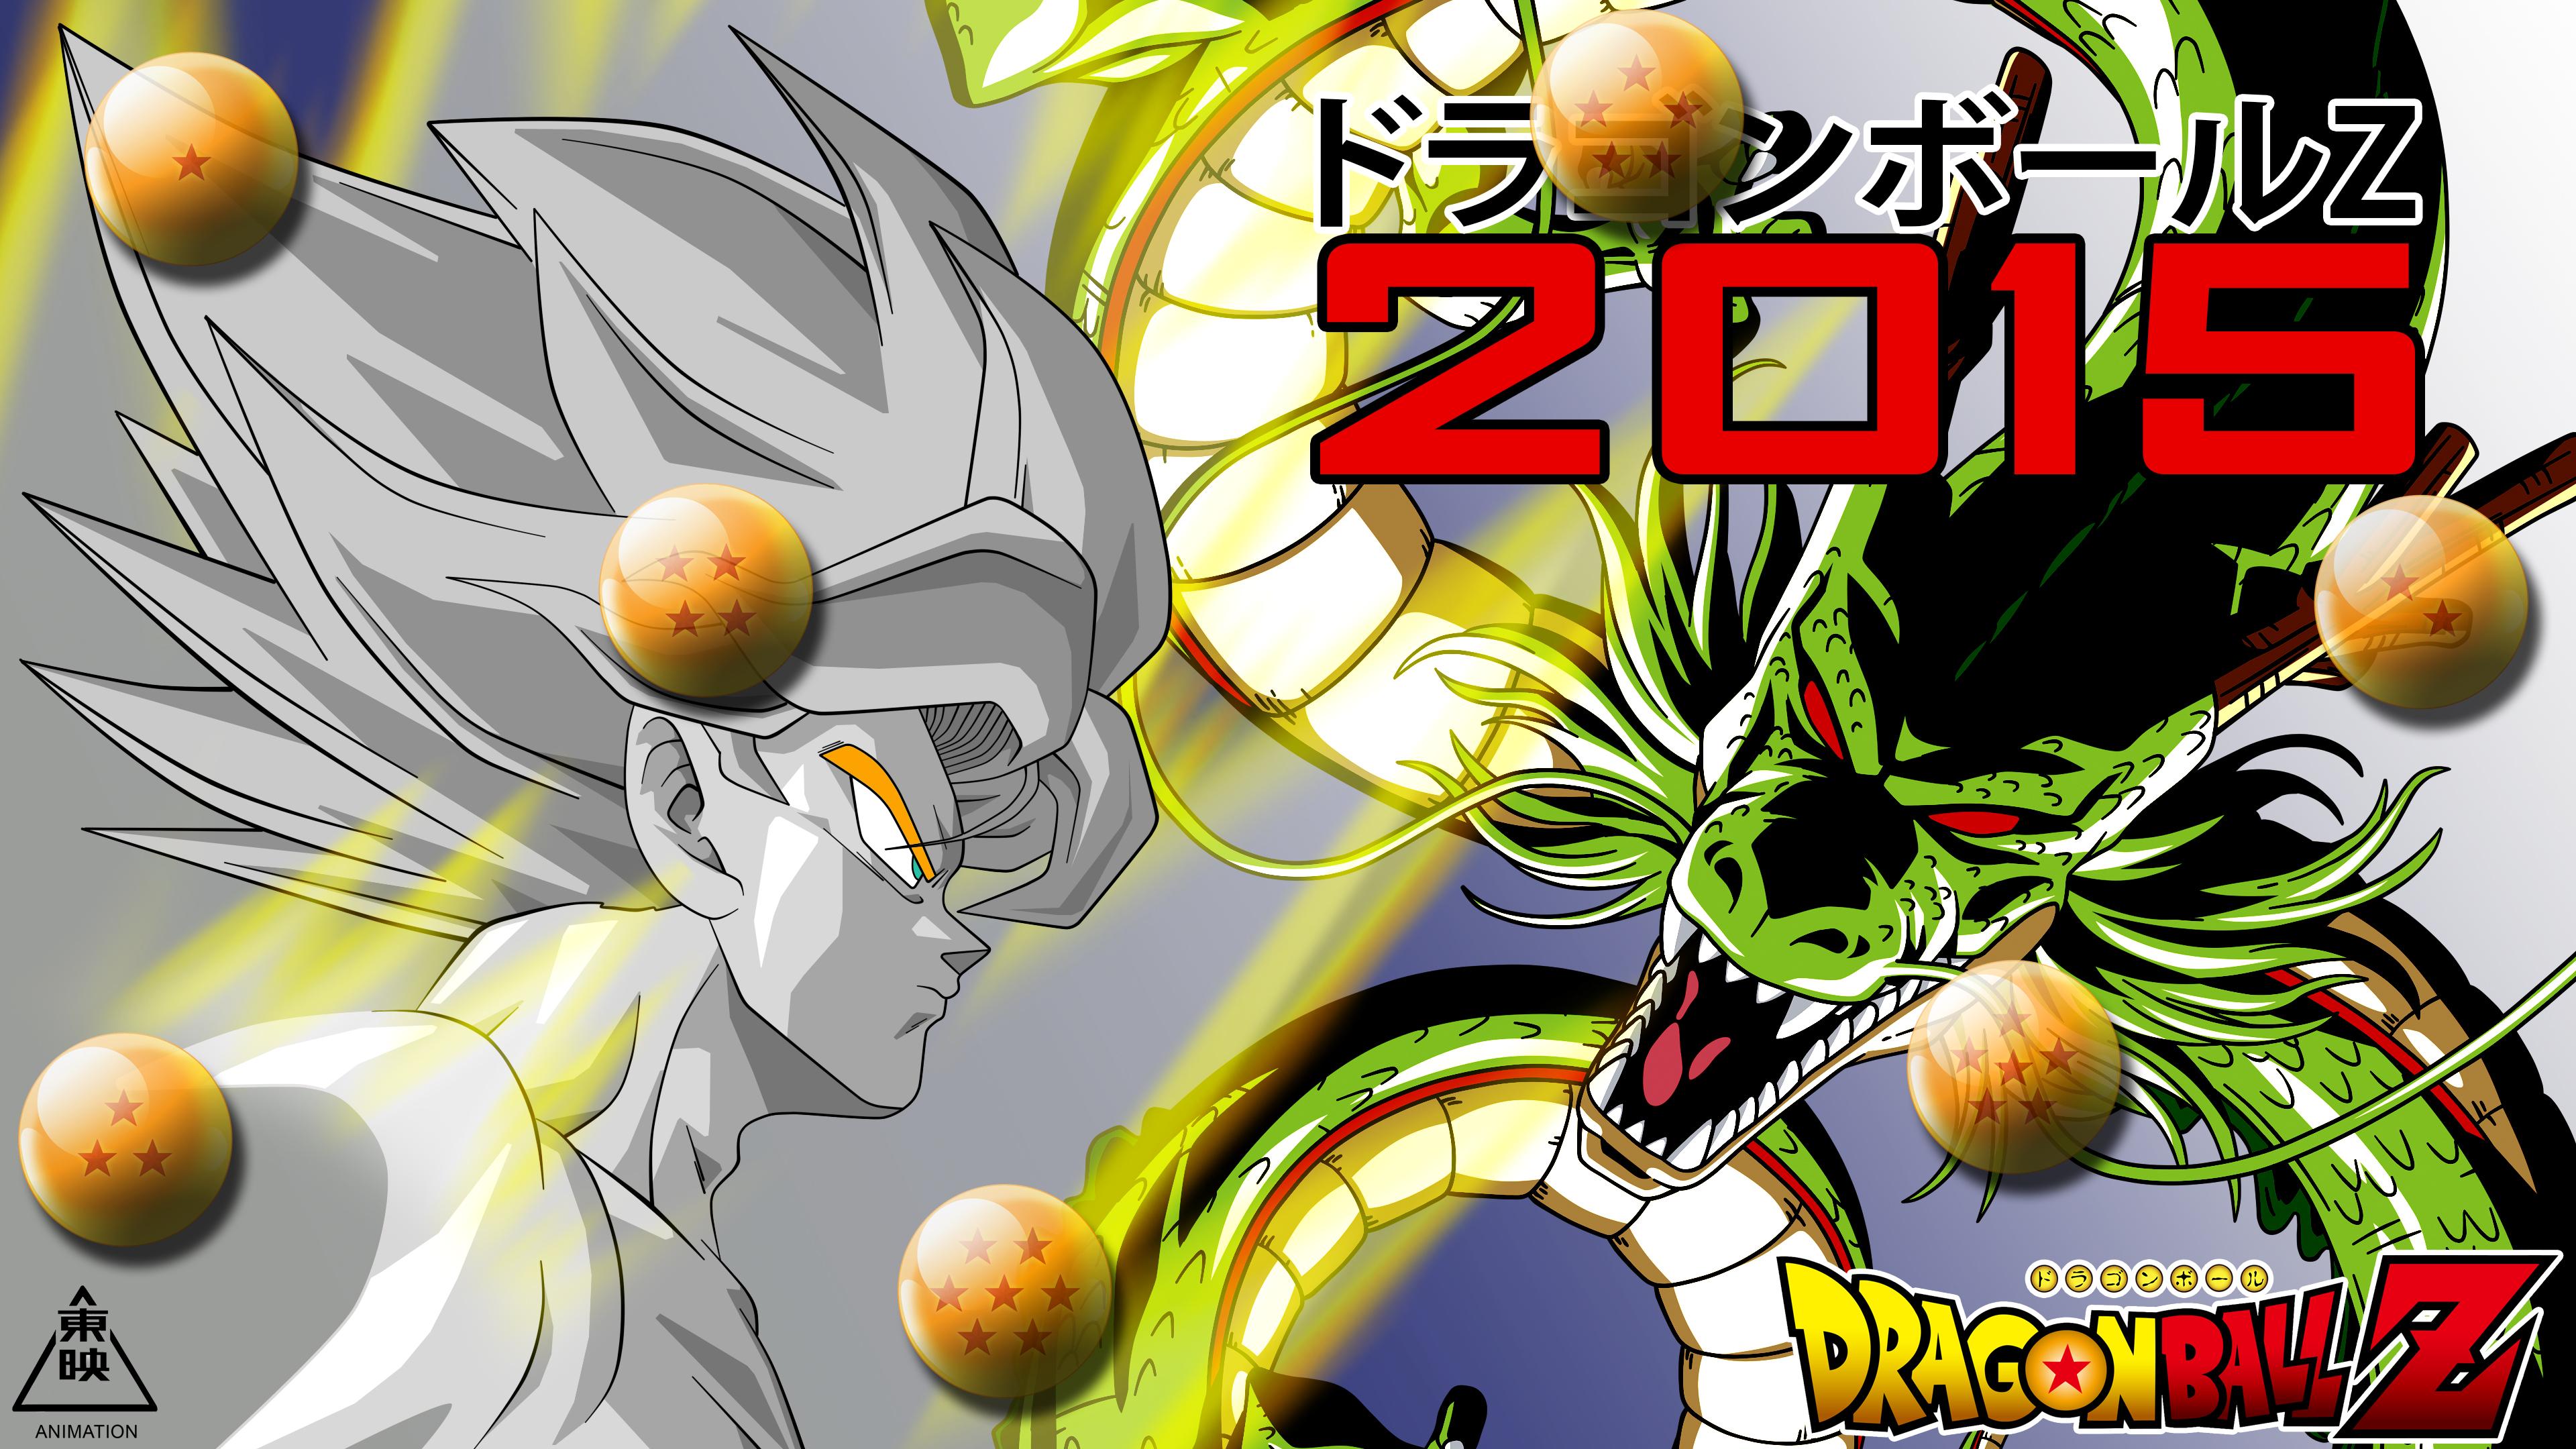 DBZ Movie 2015 Wallpaper by jorgesotozzz 3840x2160